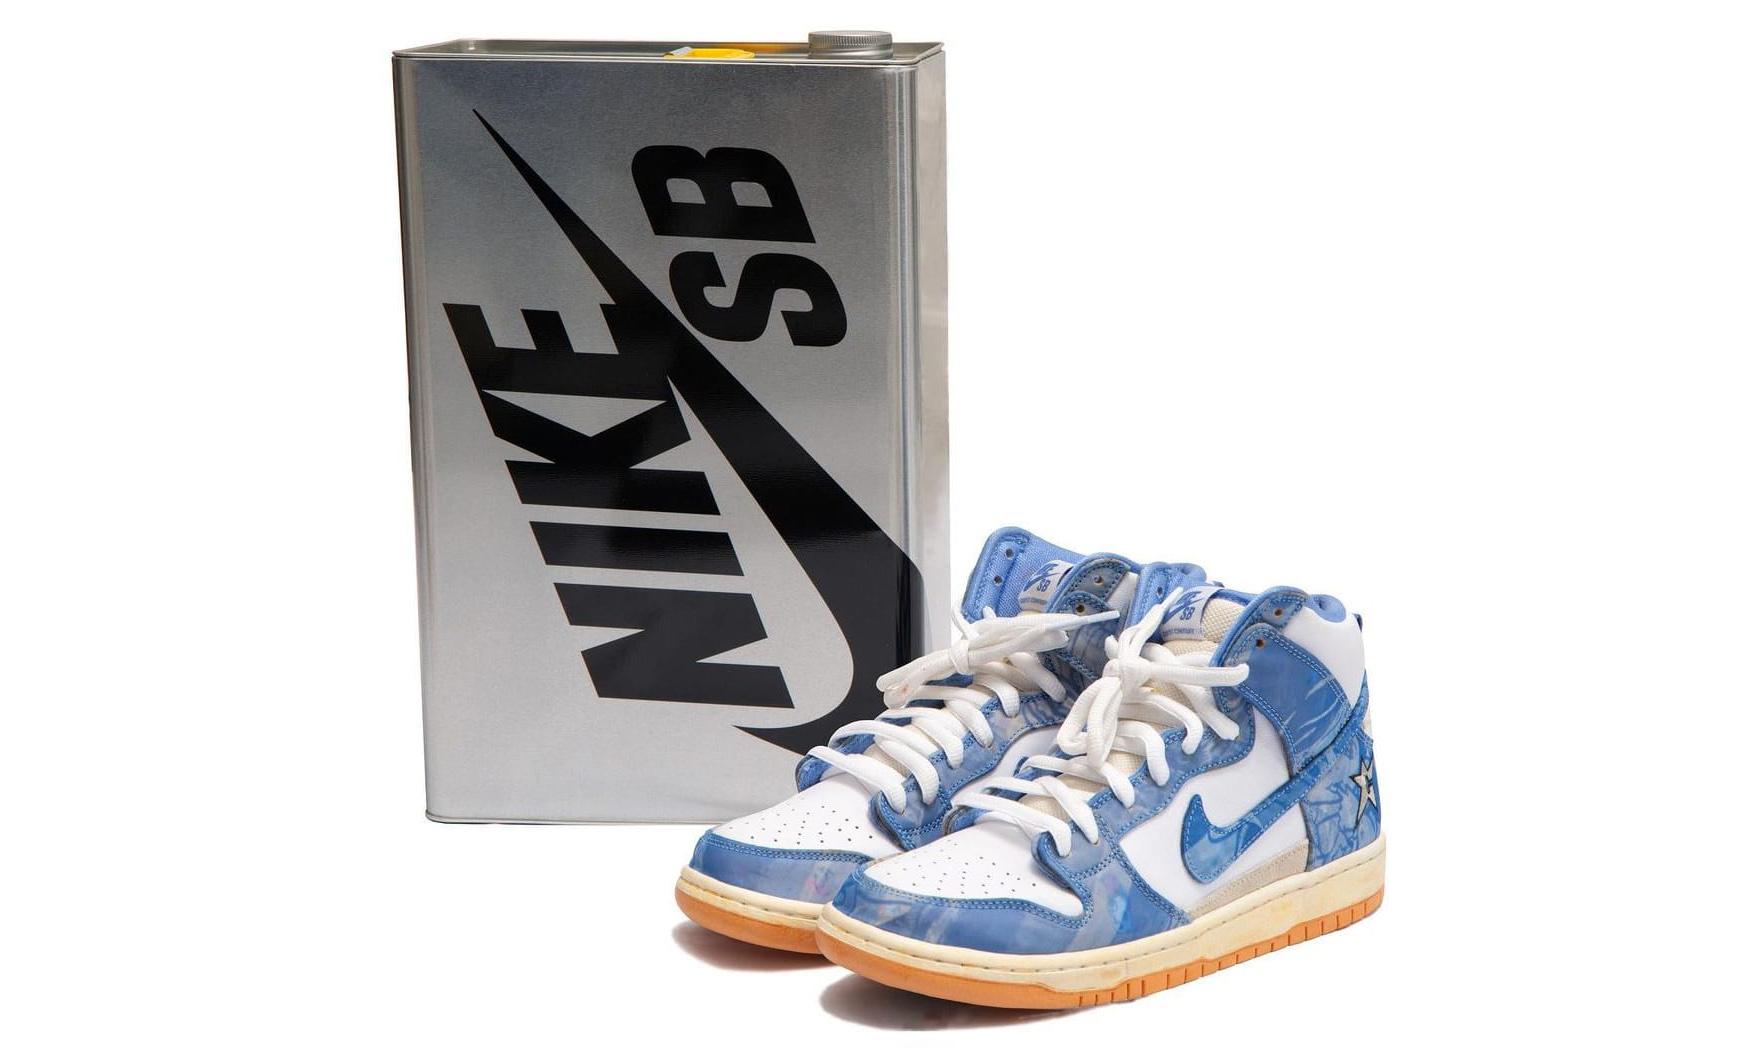 Carpet Company x Nike SB Dunk High 特殊鞋盒版本开启抽签